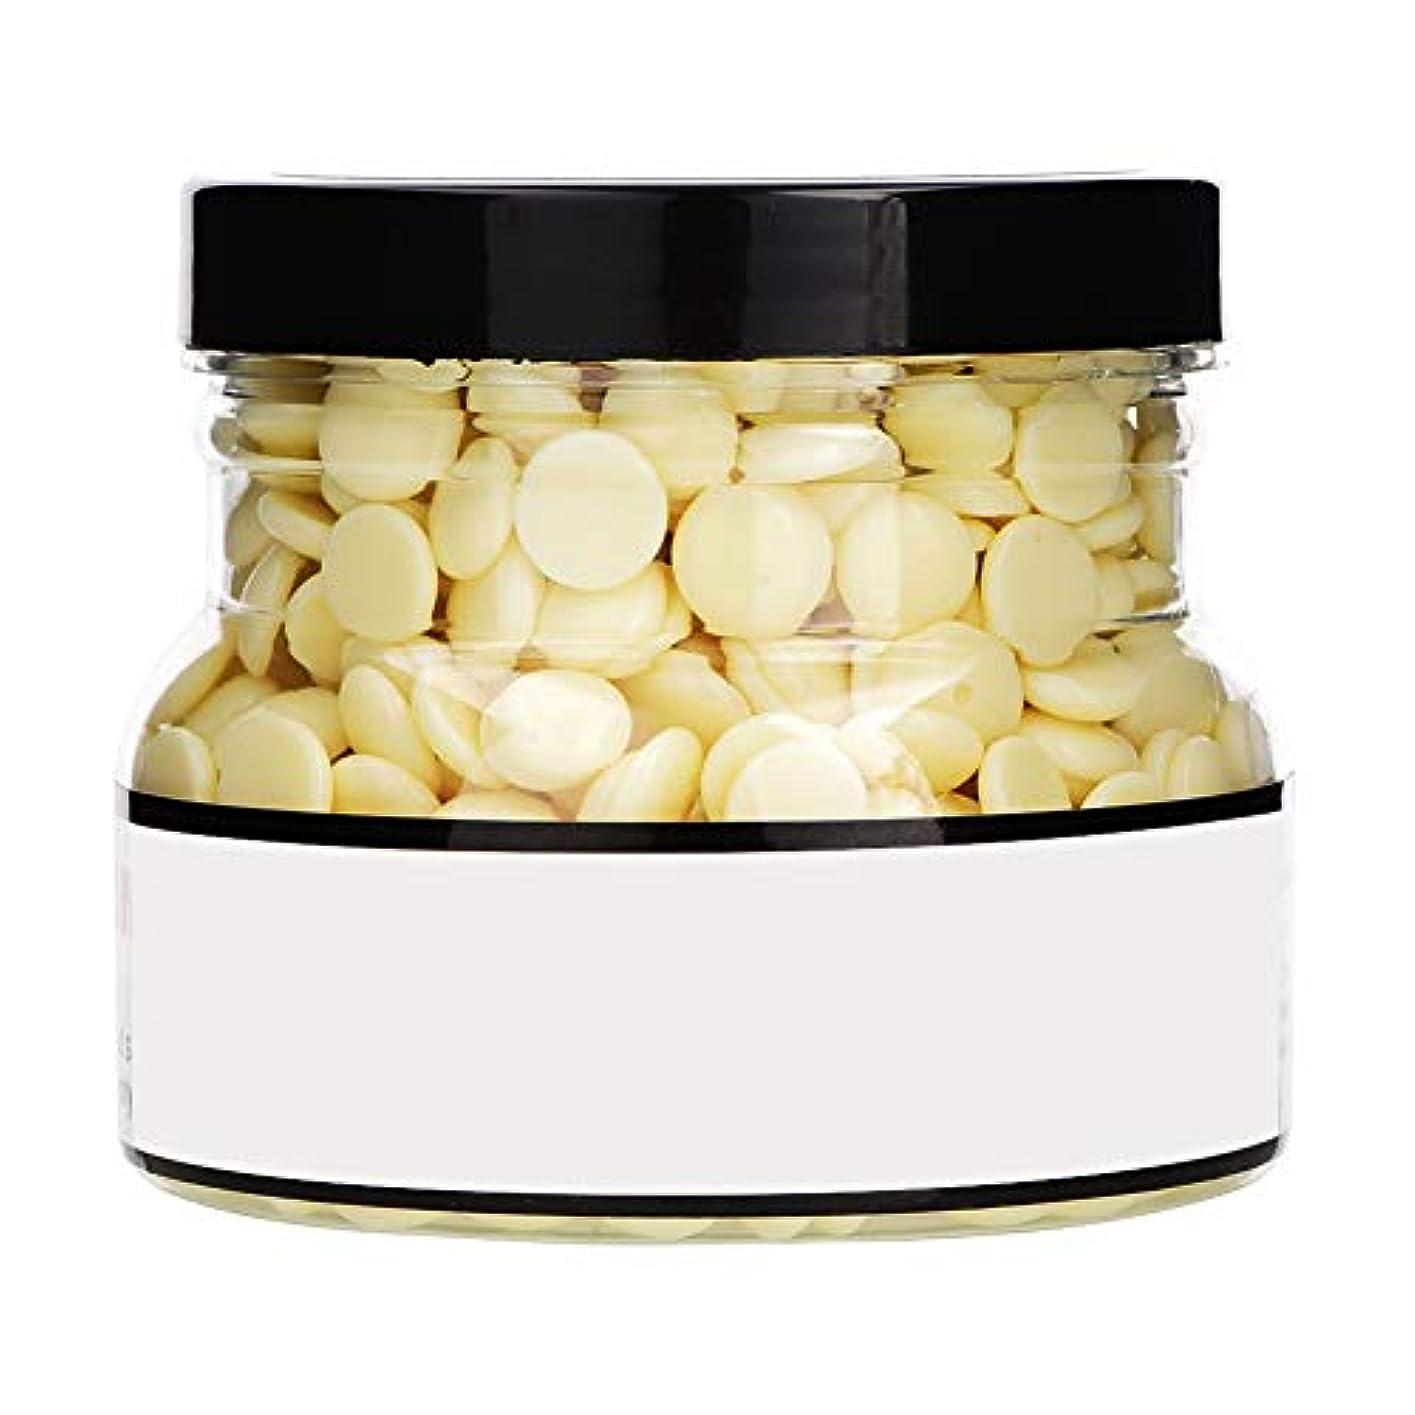 平手打ちトレード聖なるワックス豆、インゲン豆、ハードボディ脱毛脱毛ワックス脱毛ワックスボックス固体淡黄色1PCスタイルの250グラム-01